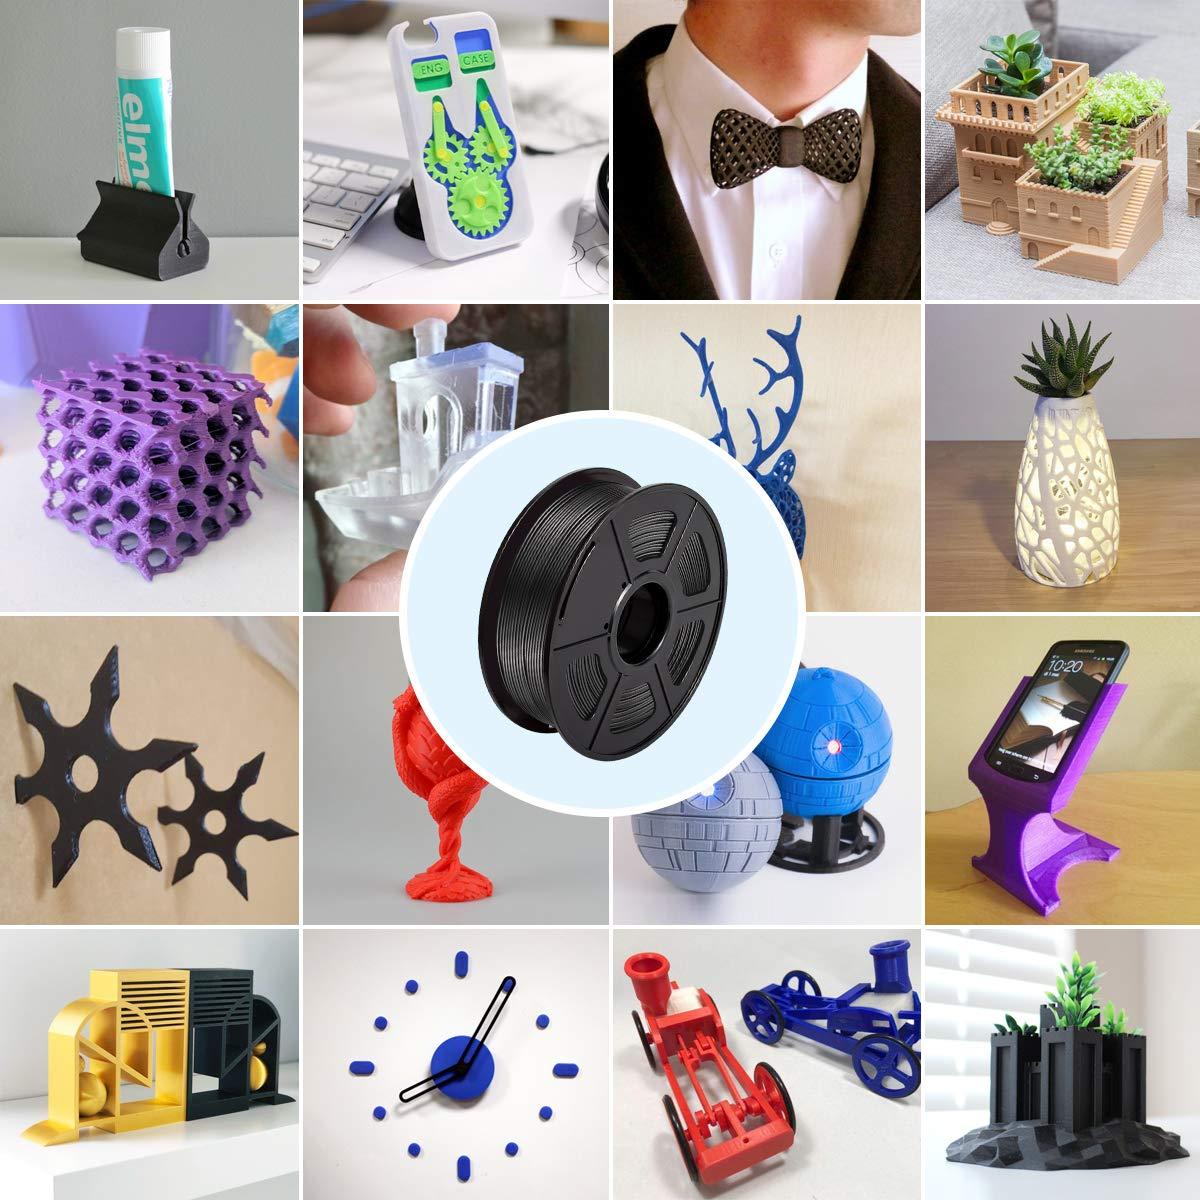 Spool // PLA Filamento Negro /& Gris,3D Warhorse Pla Filamento de Impresion 3D,3D Printer Filament 1.75mm,Dimensional Accuracy 0.02 mm,Polylactic Acid Material,1.75mm PLA,2KG